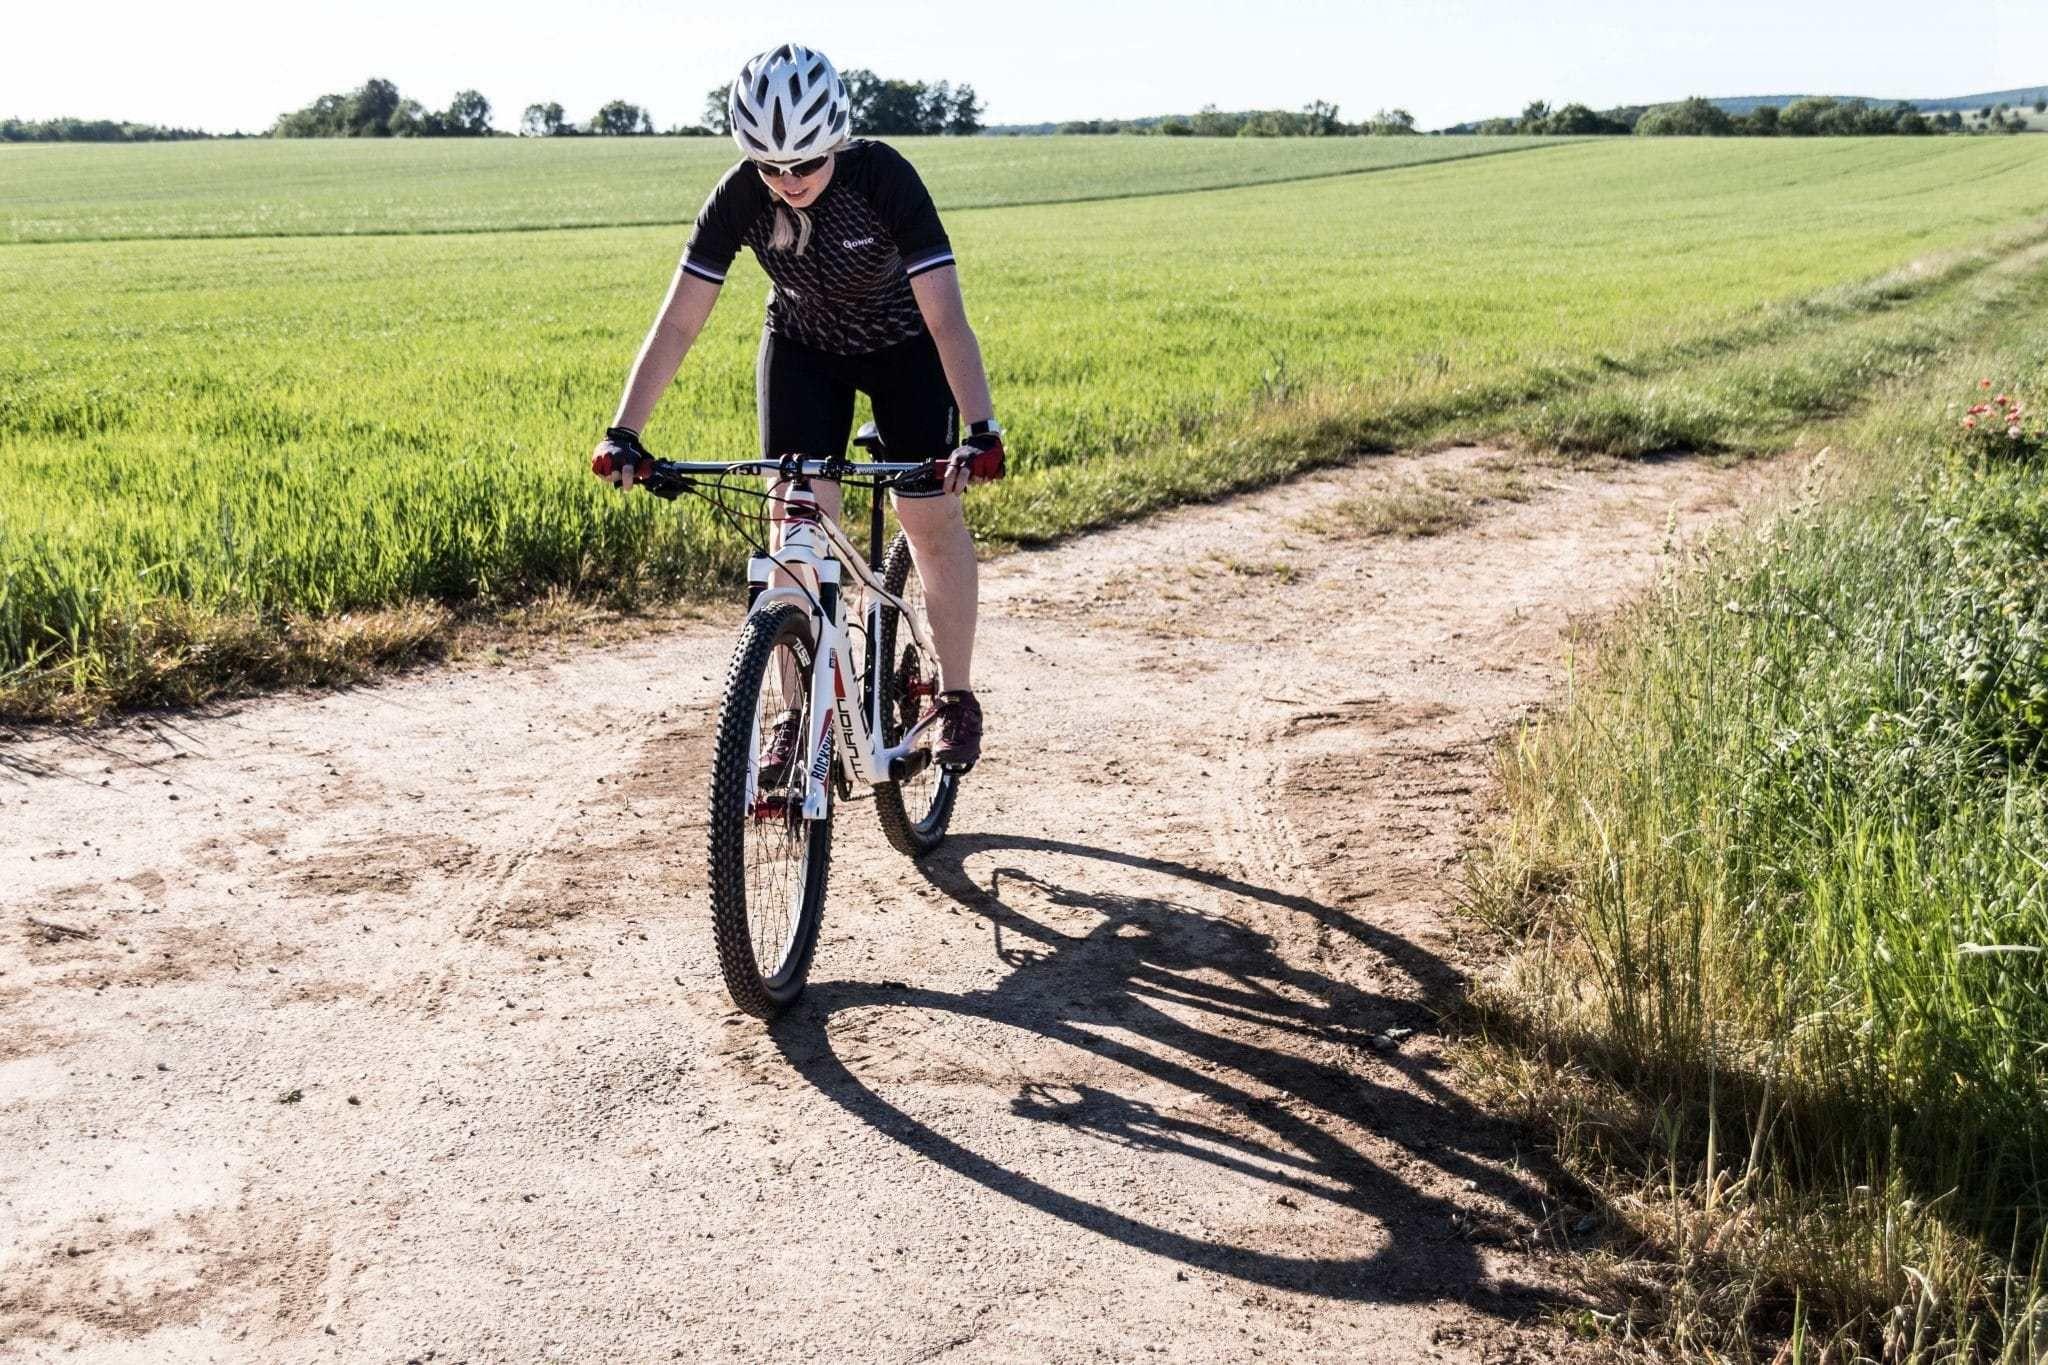 Radfahren während der Periode - Hilfreiche Tipps für